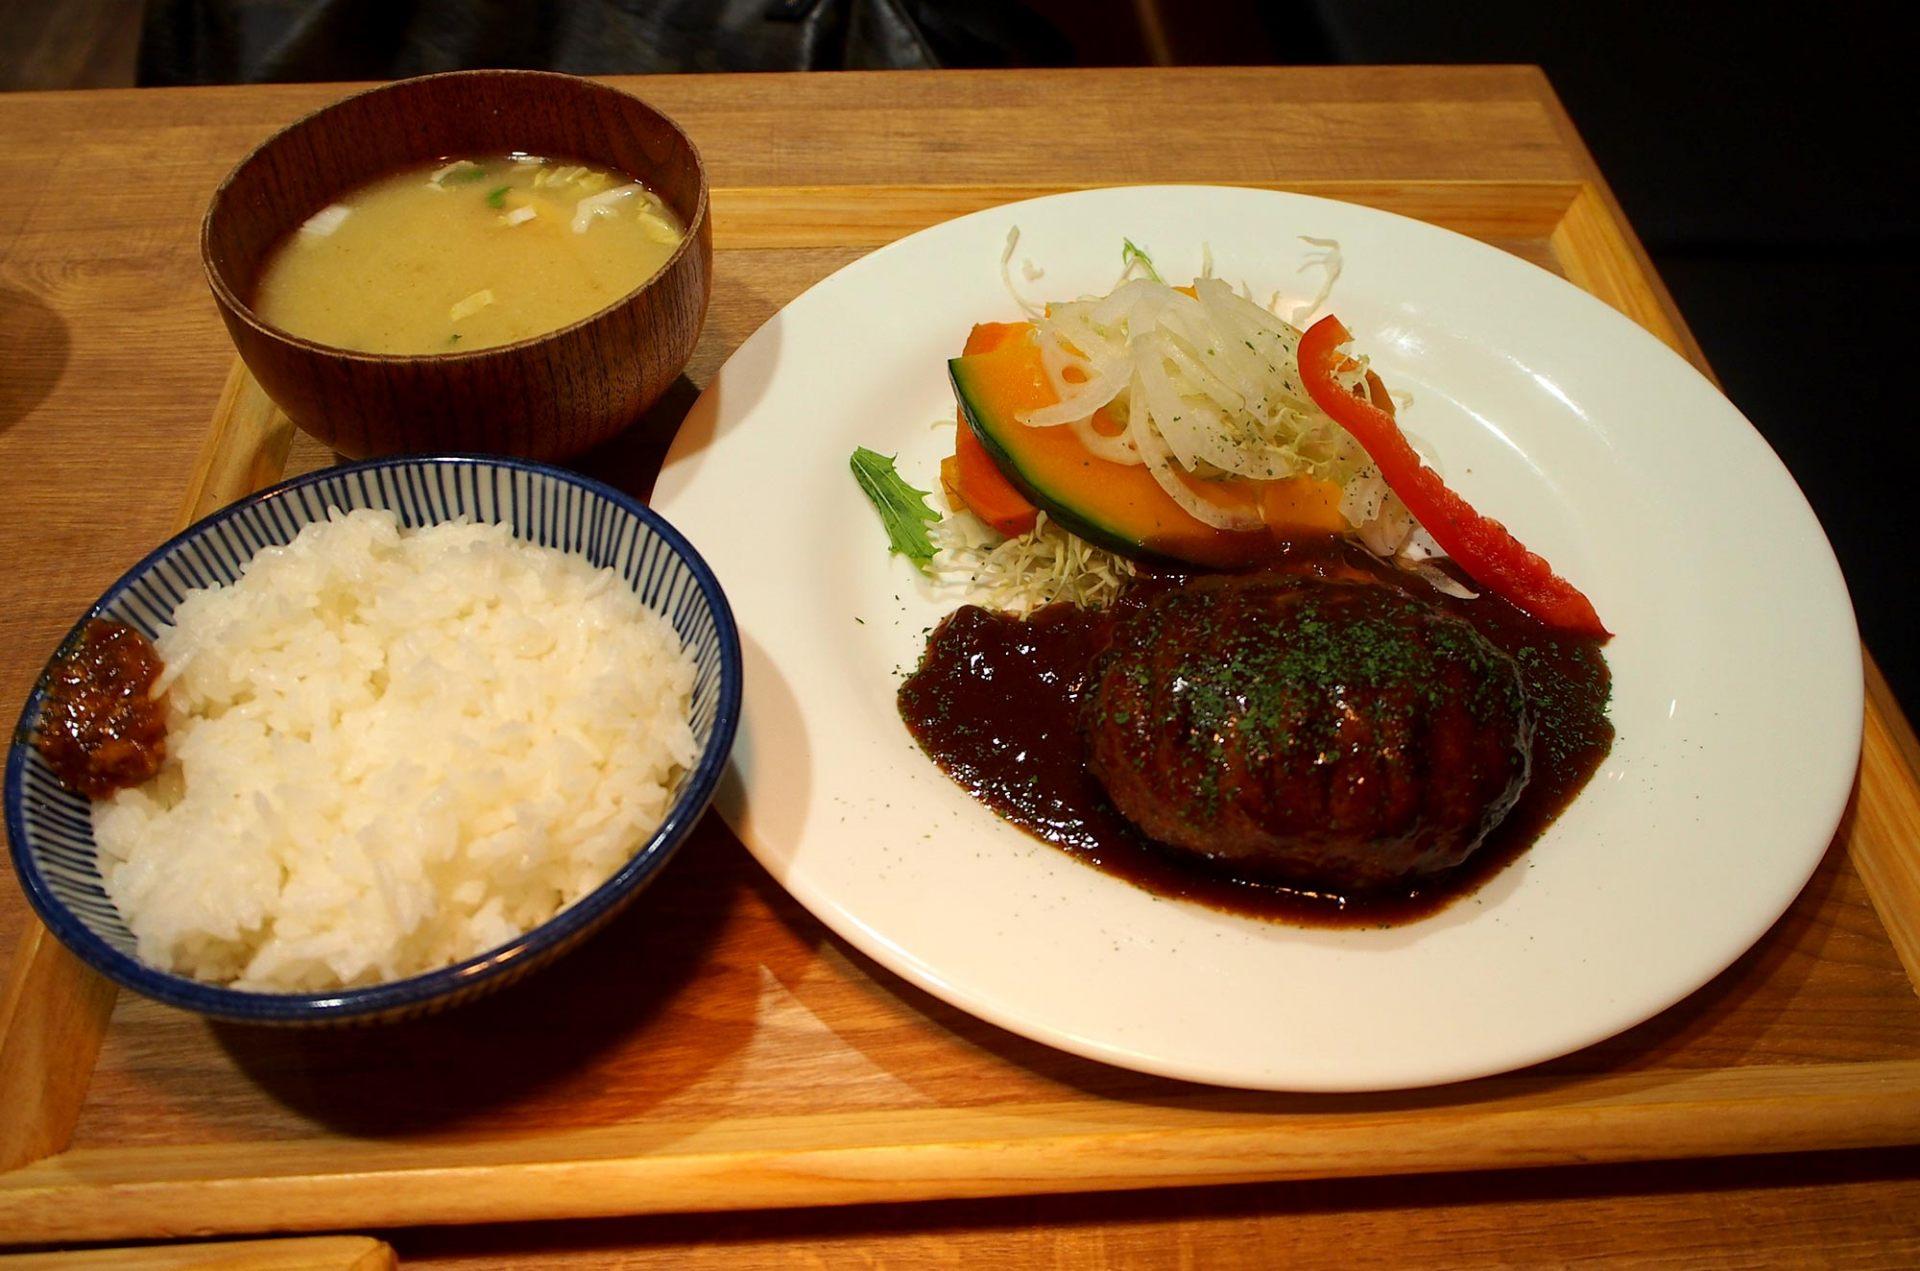 汉堡排套餐(980日圆)